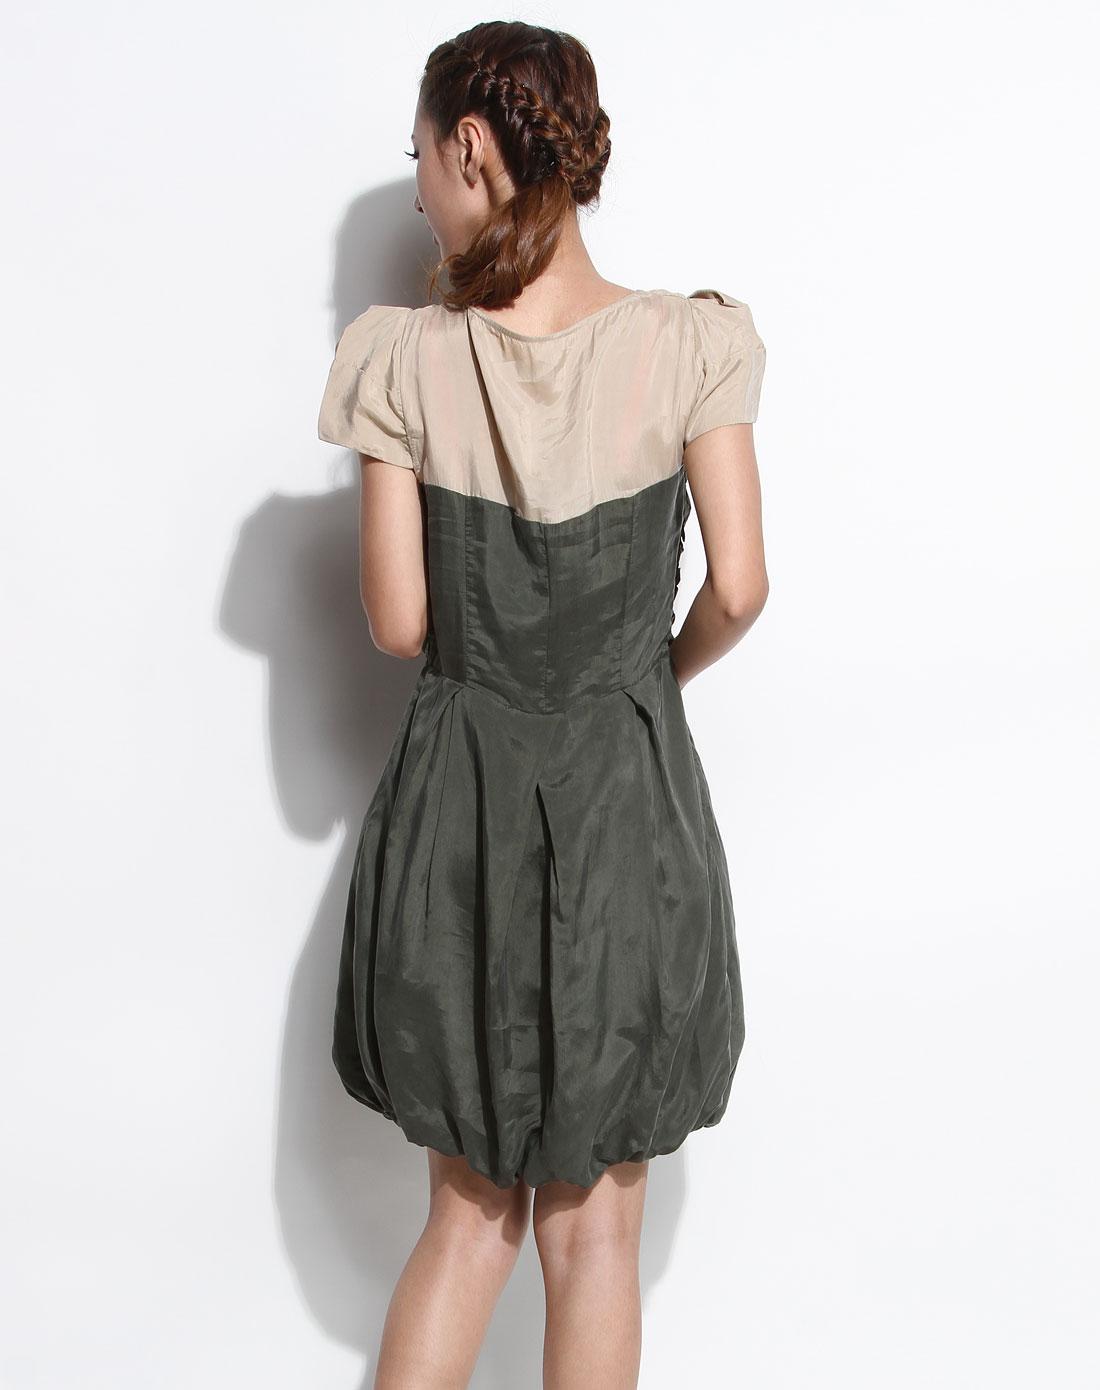 傲丝度isayido女装专场-绿色时尚短袖连衣裙